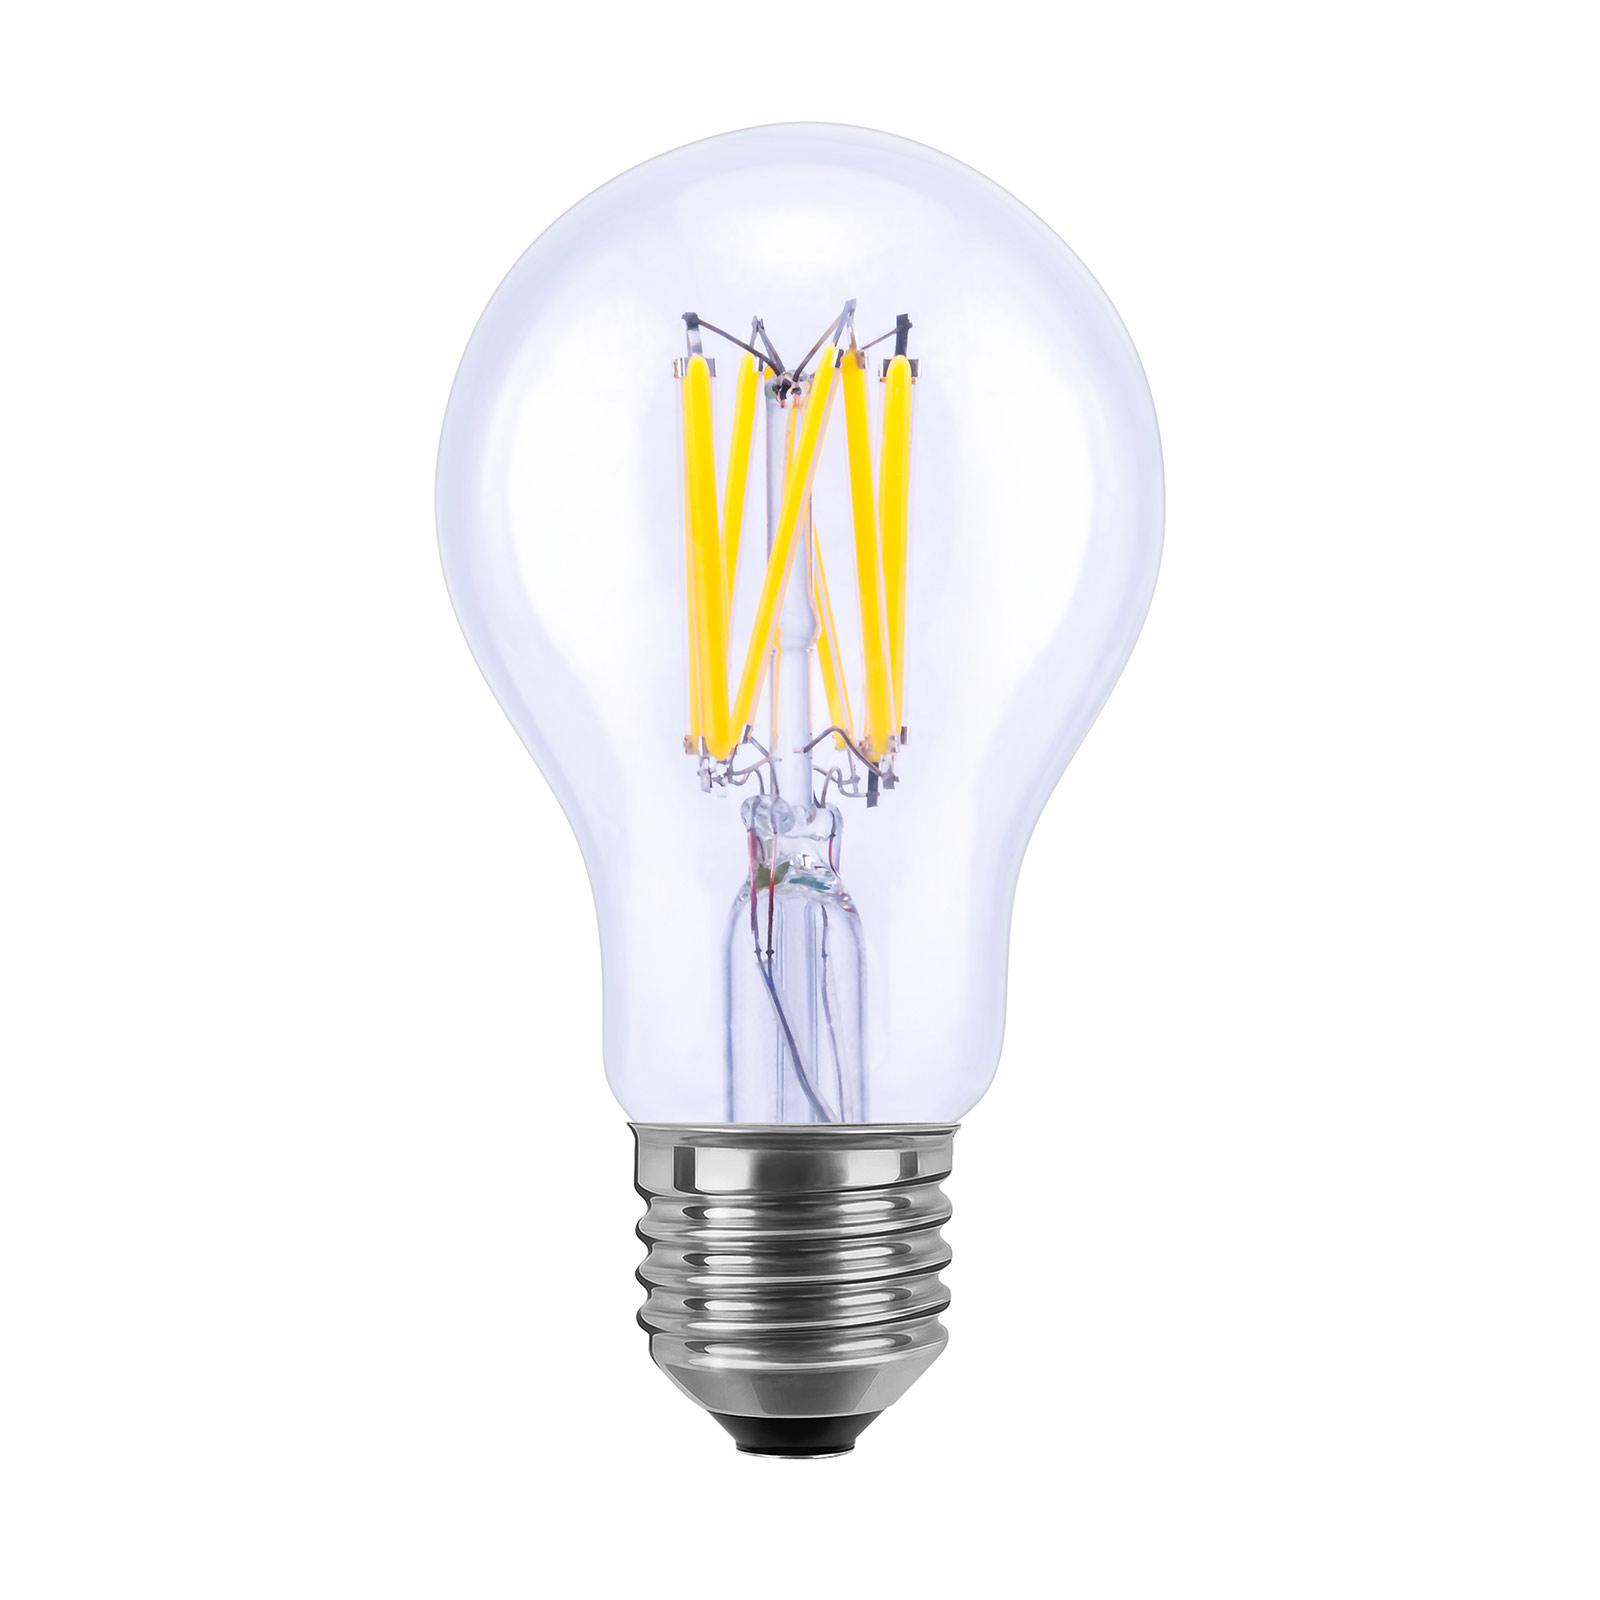 SEGULA LED High Power, E27, 8W, 810lm, trasparente